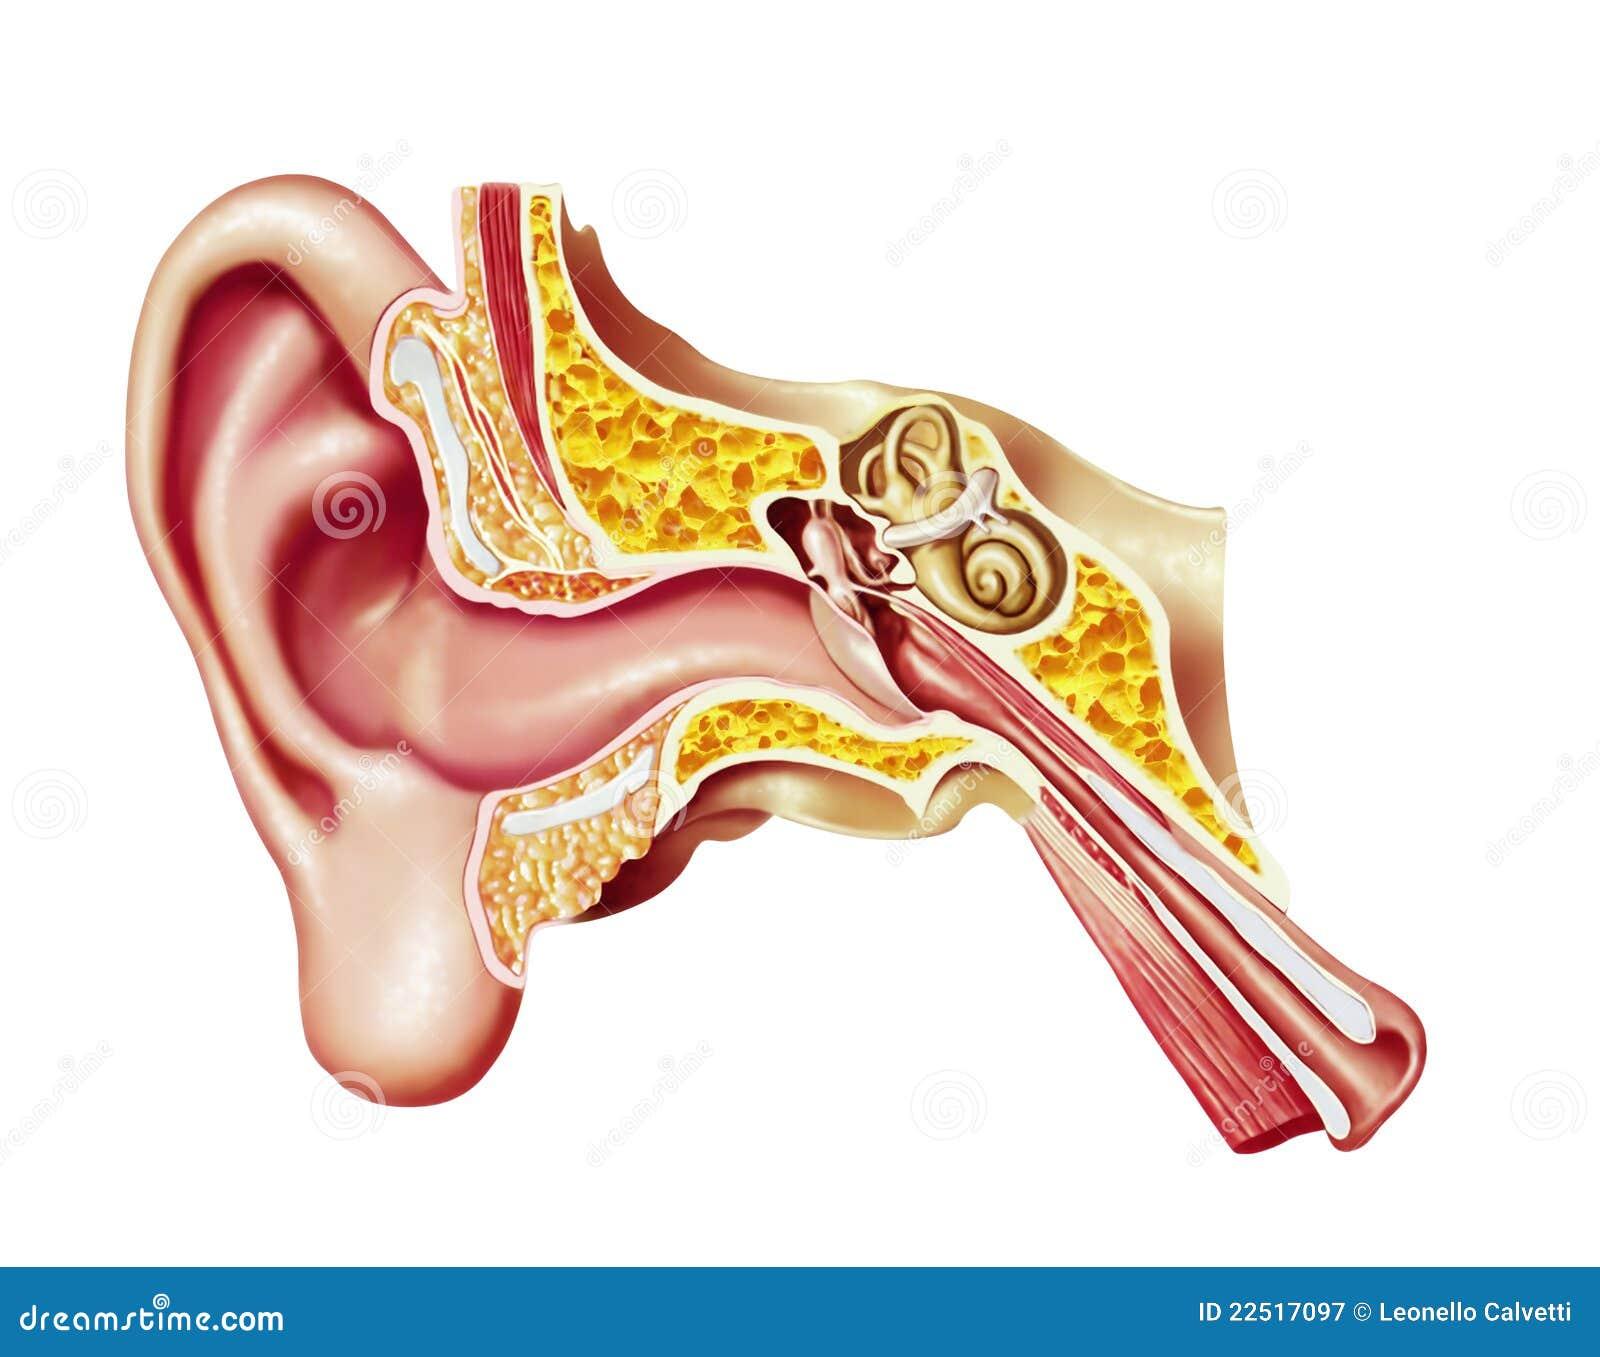 Oído Humano, Diagrama Cortado Realista. Stock de ilustración ...